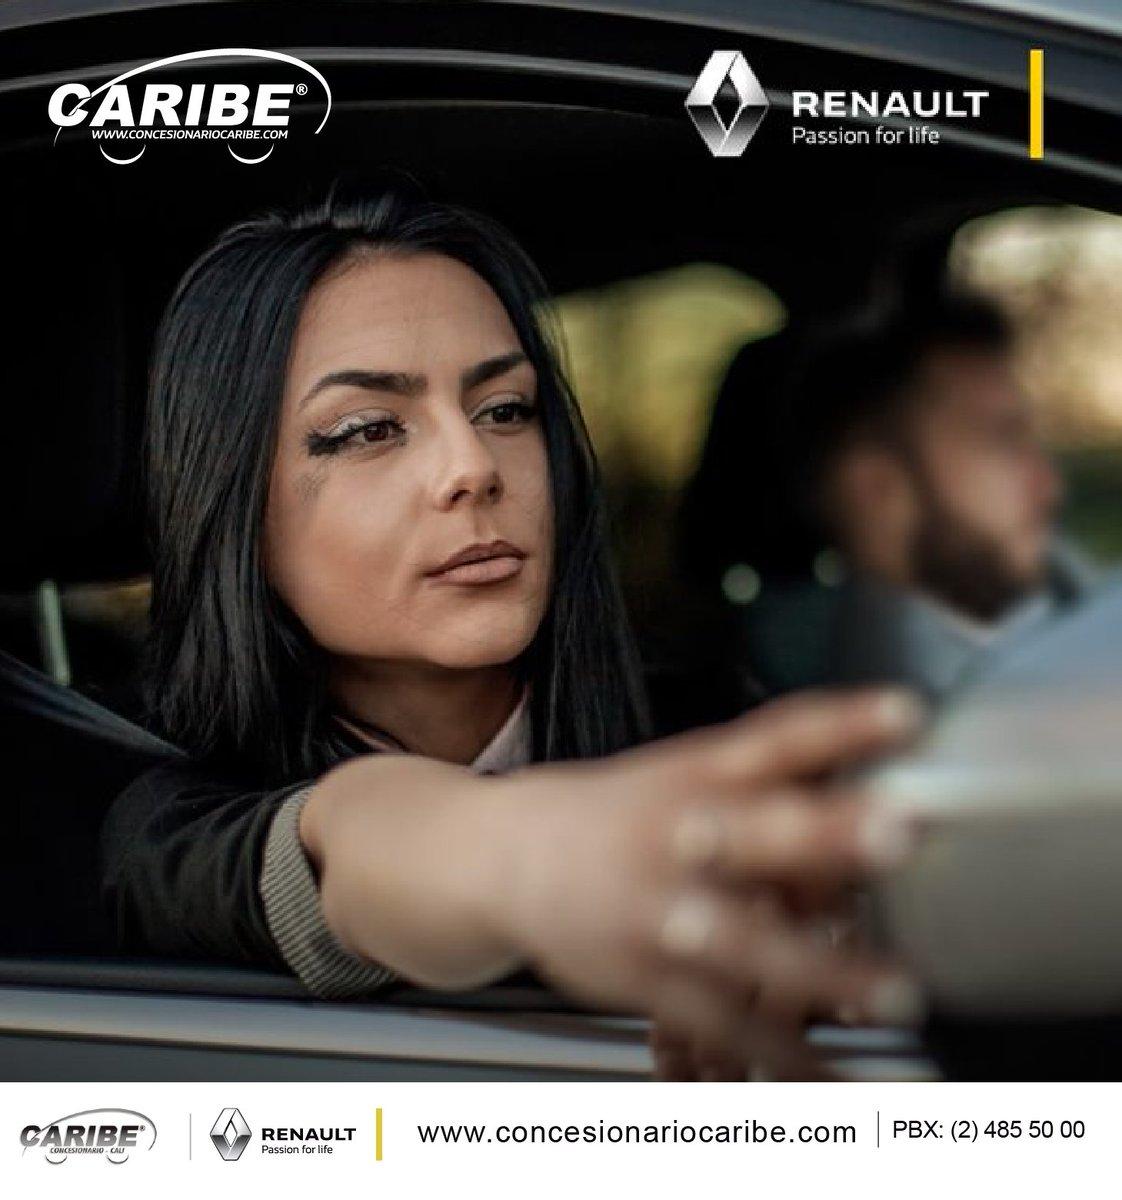 Un minuto de silencio por todas las mujeres a las que les ha pasado esto.Haz el mantenimiento de tu vehículo con Renault Servicios y llega a tu destino siempre como nueva.#Repuesto #Renault #Cali #Colombia #CaliCo